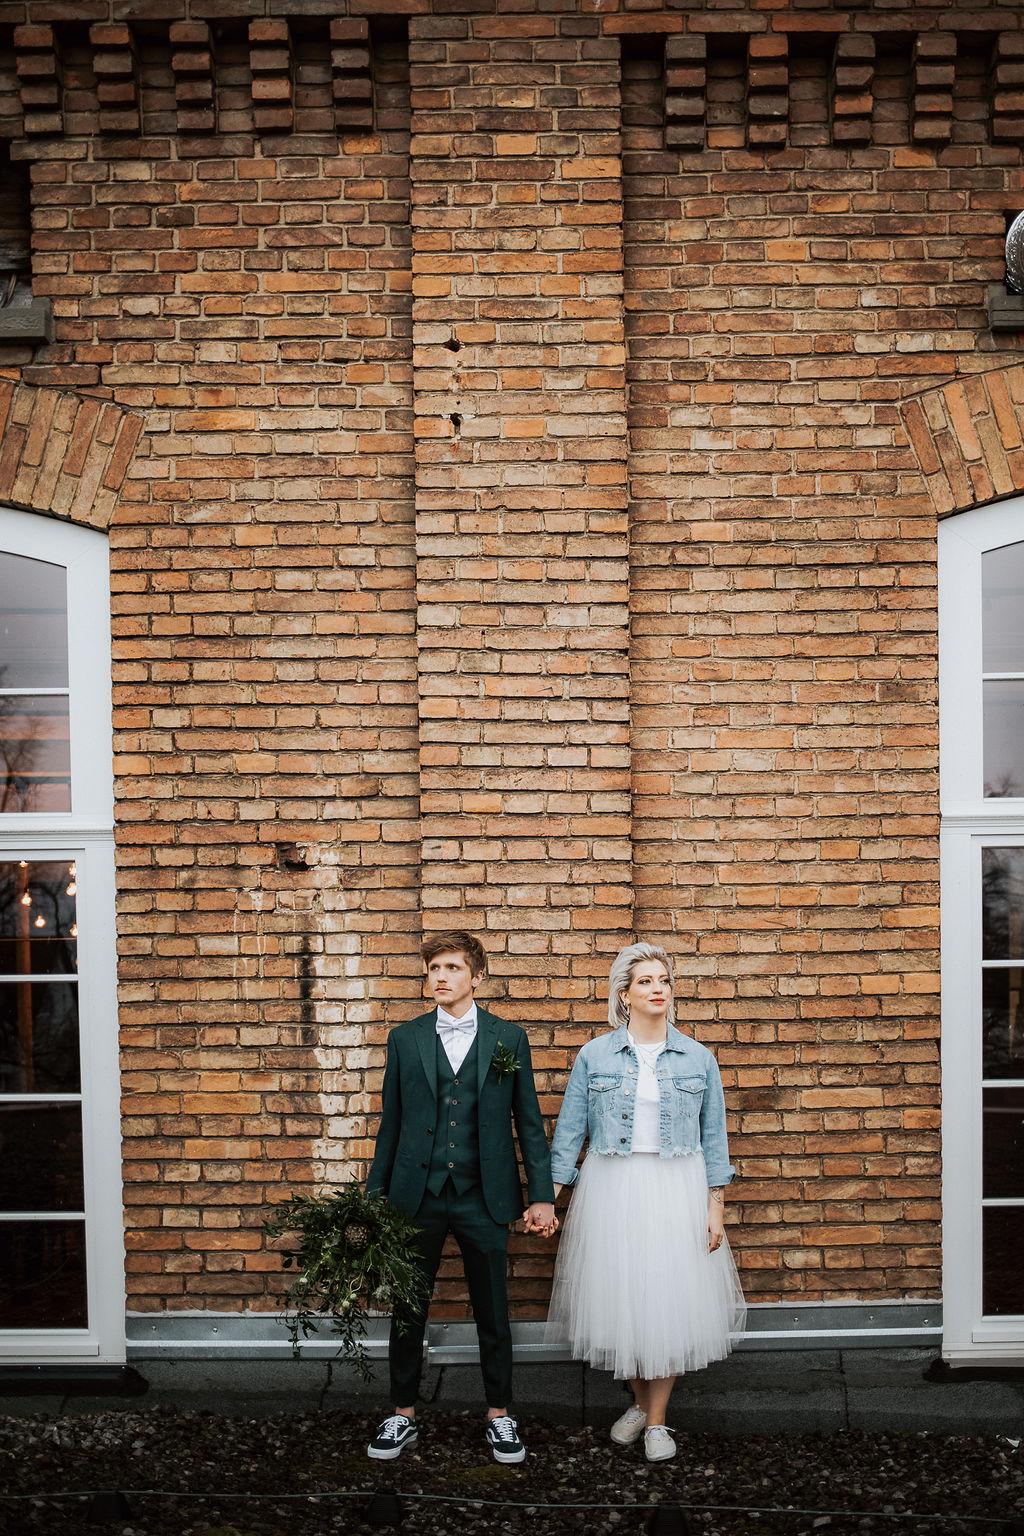 Hochzeitslocations Vorarlberg Bludenz Fabrik Klarenbrunn Inspiration